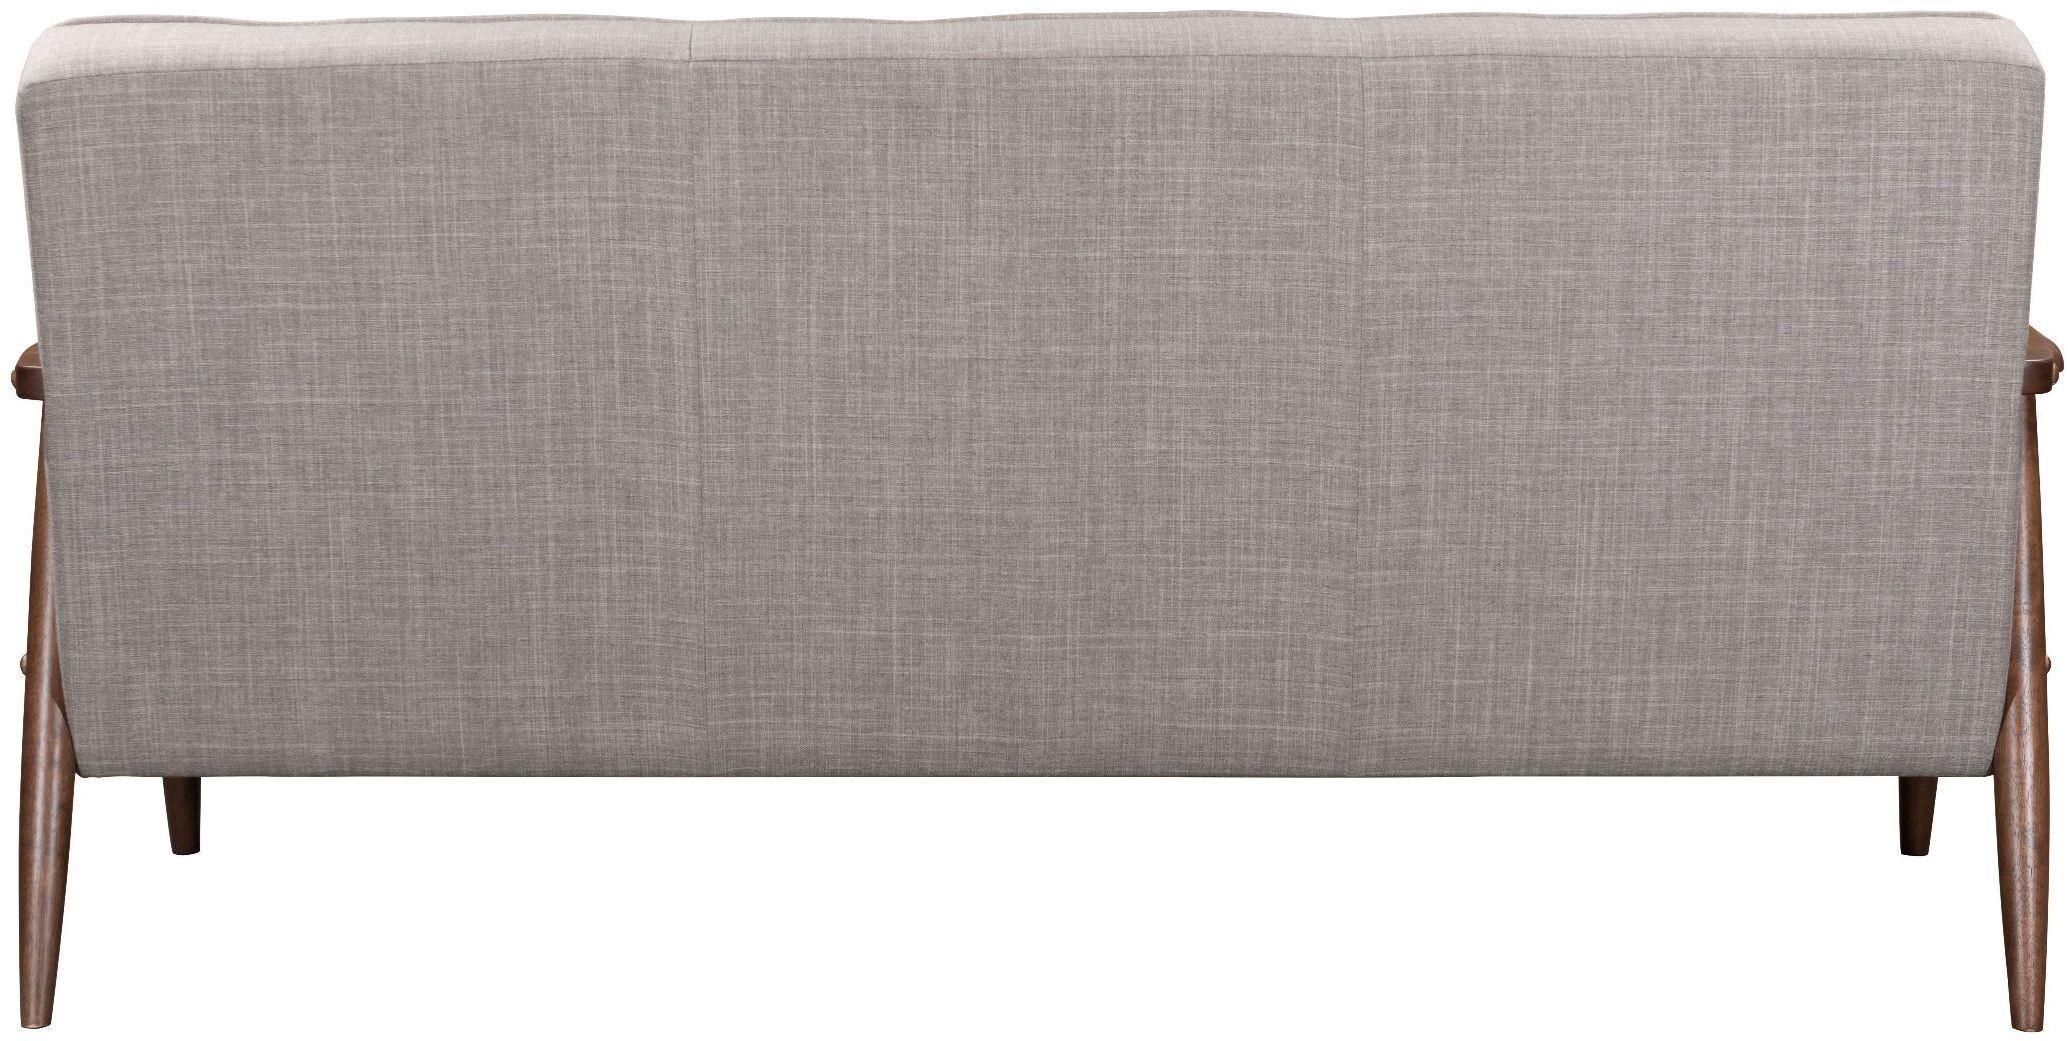 rocky sofa putty